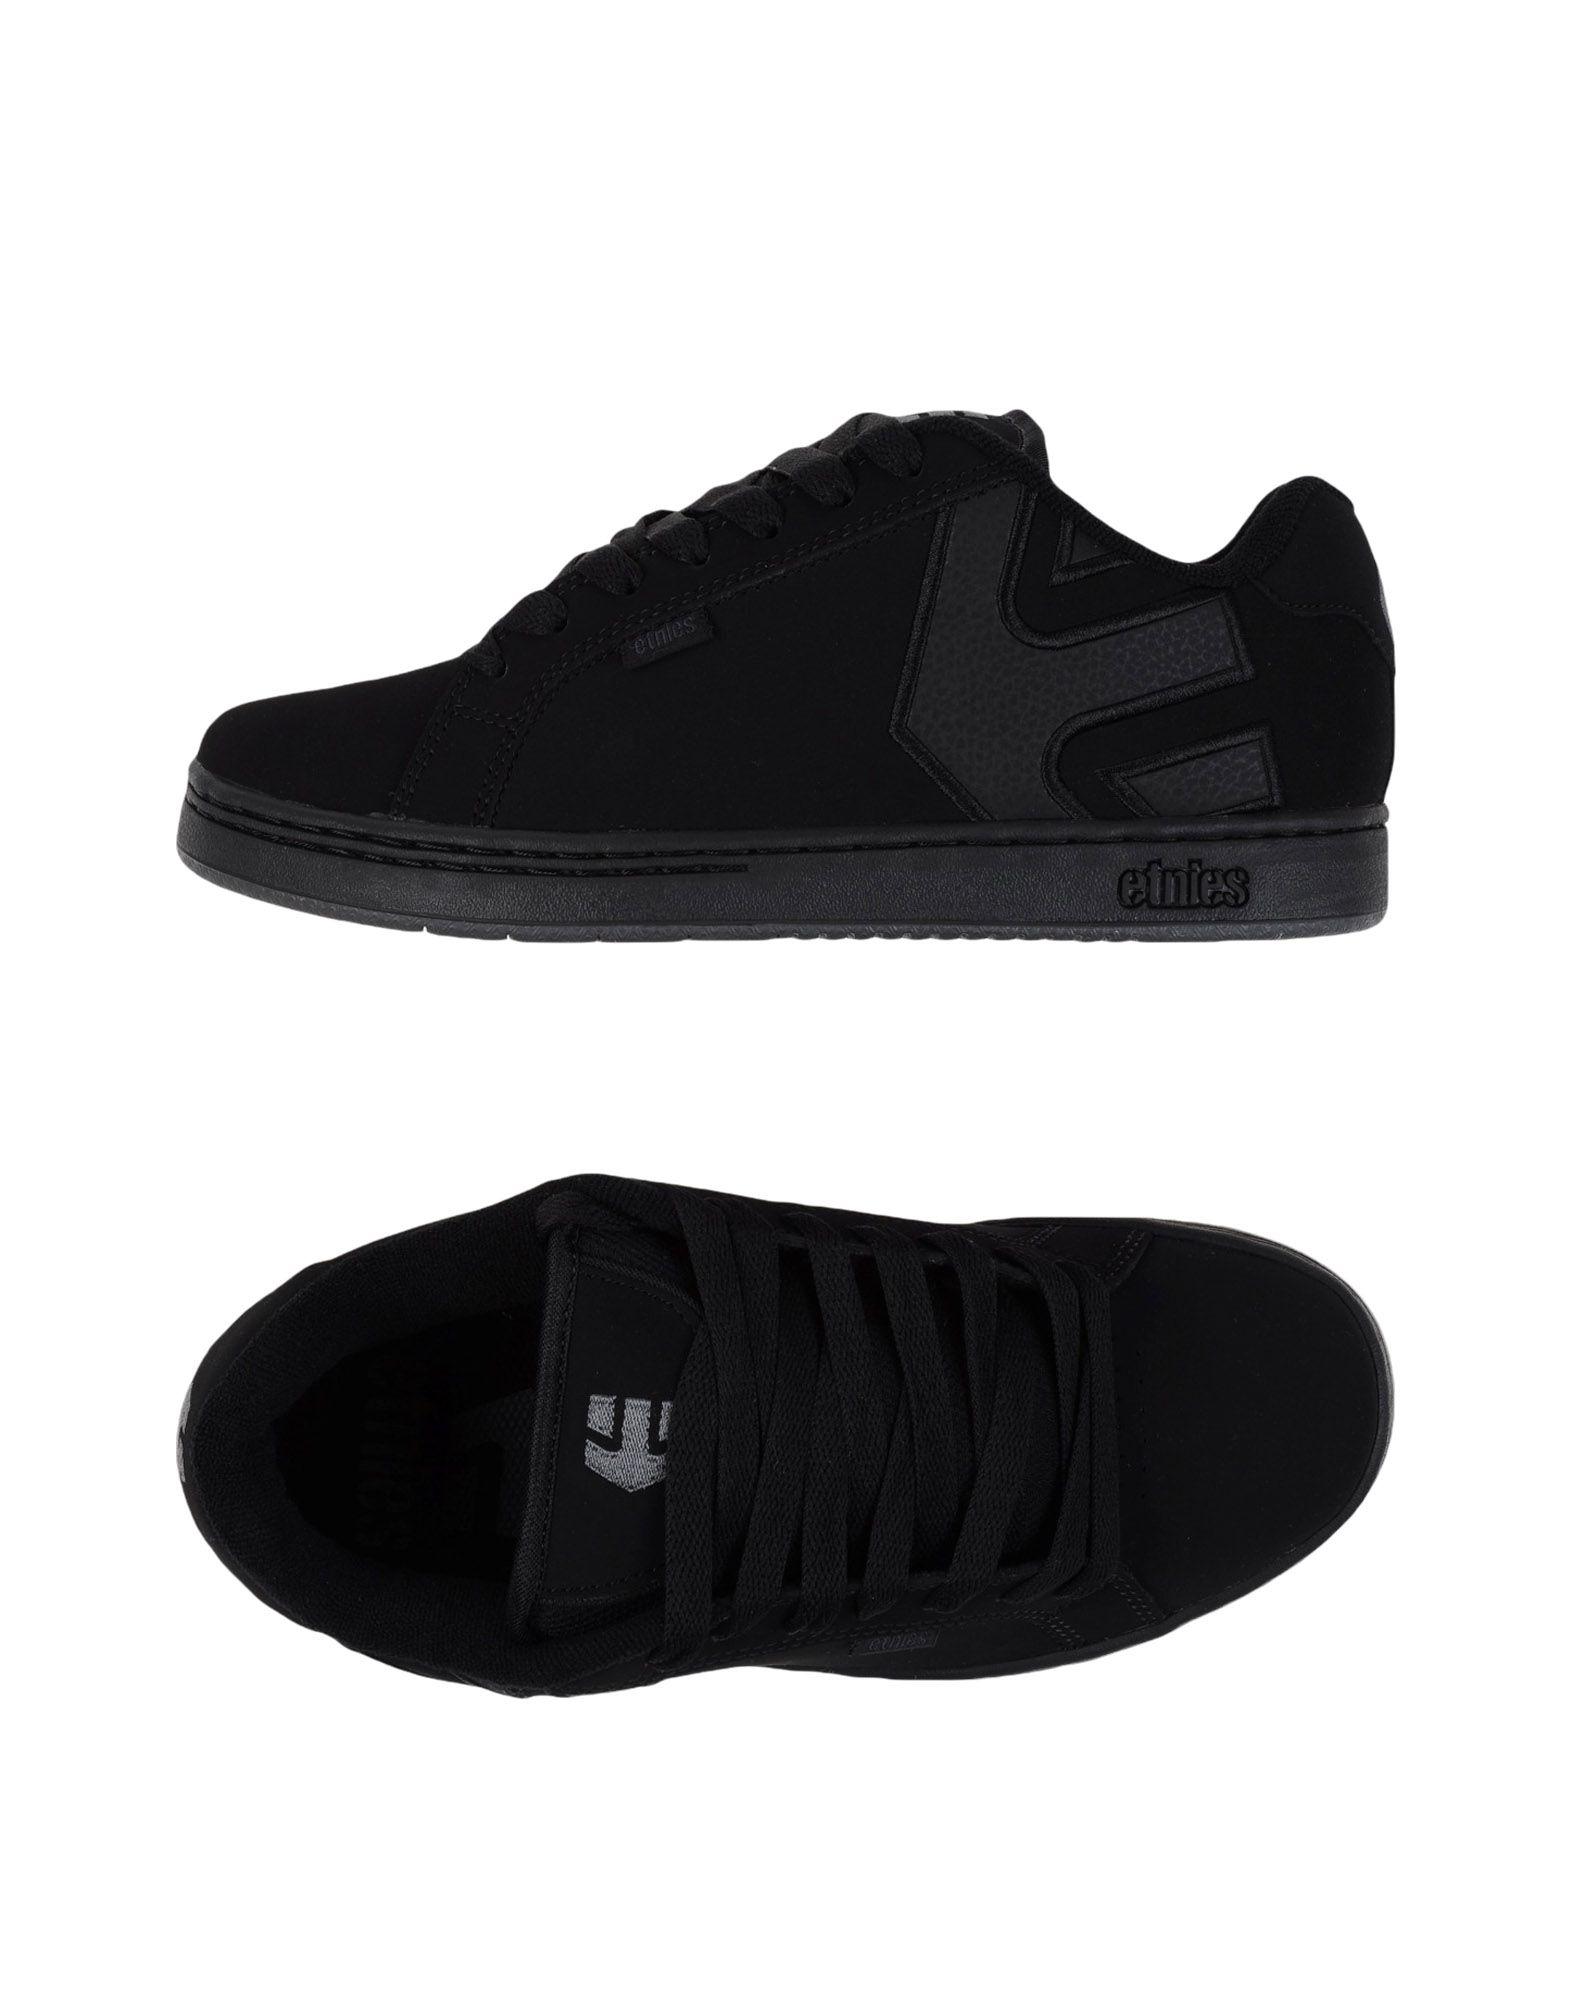 Rabatt echte Schuhe Etnies Sneakers Herren  11112086JG